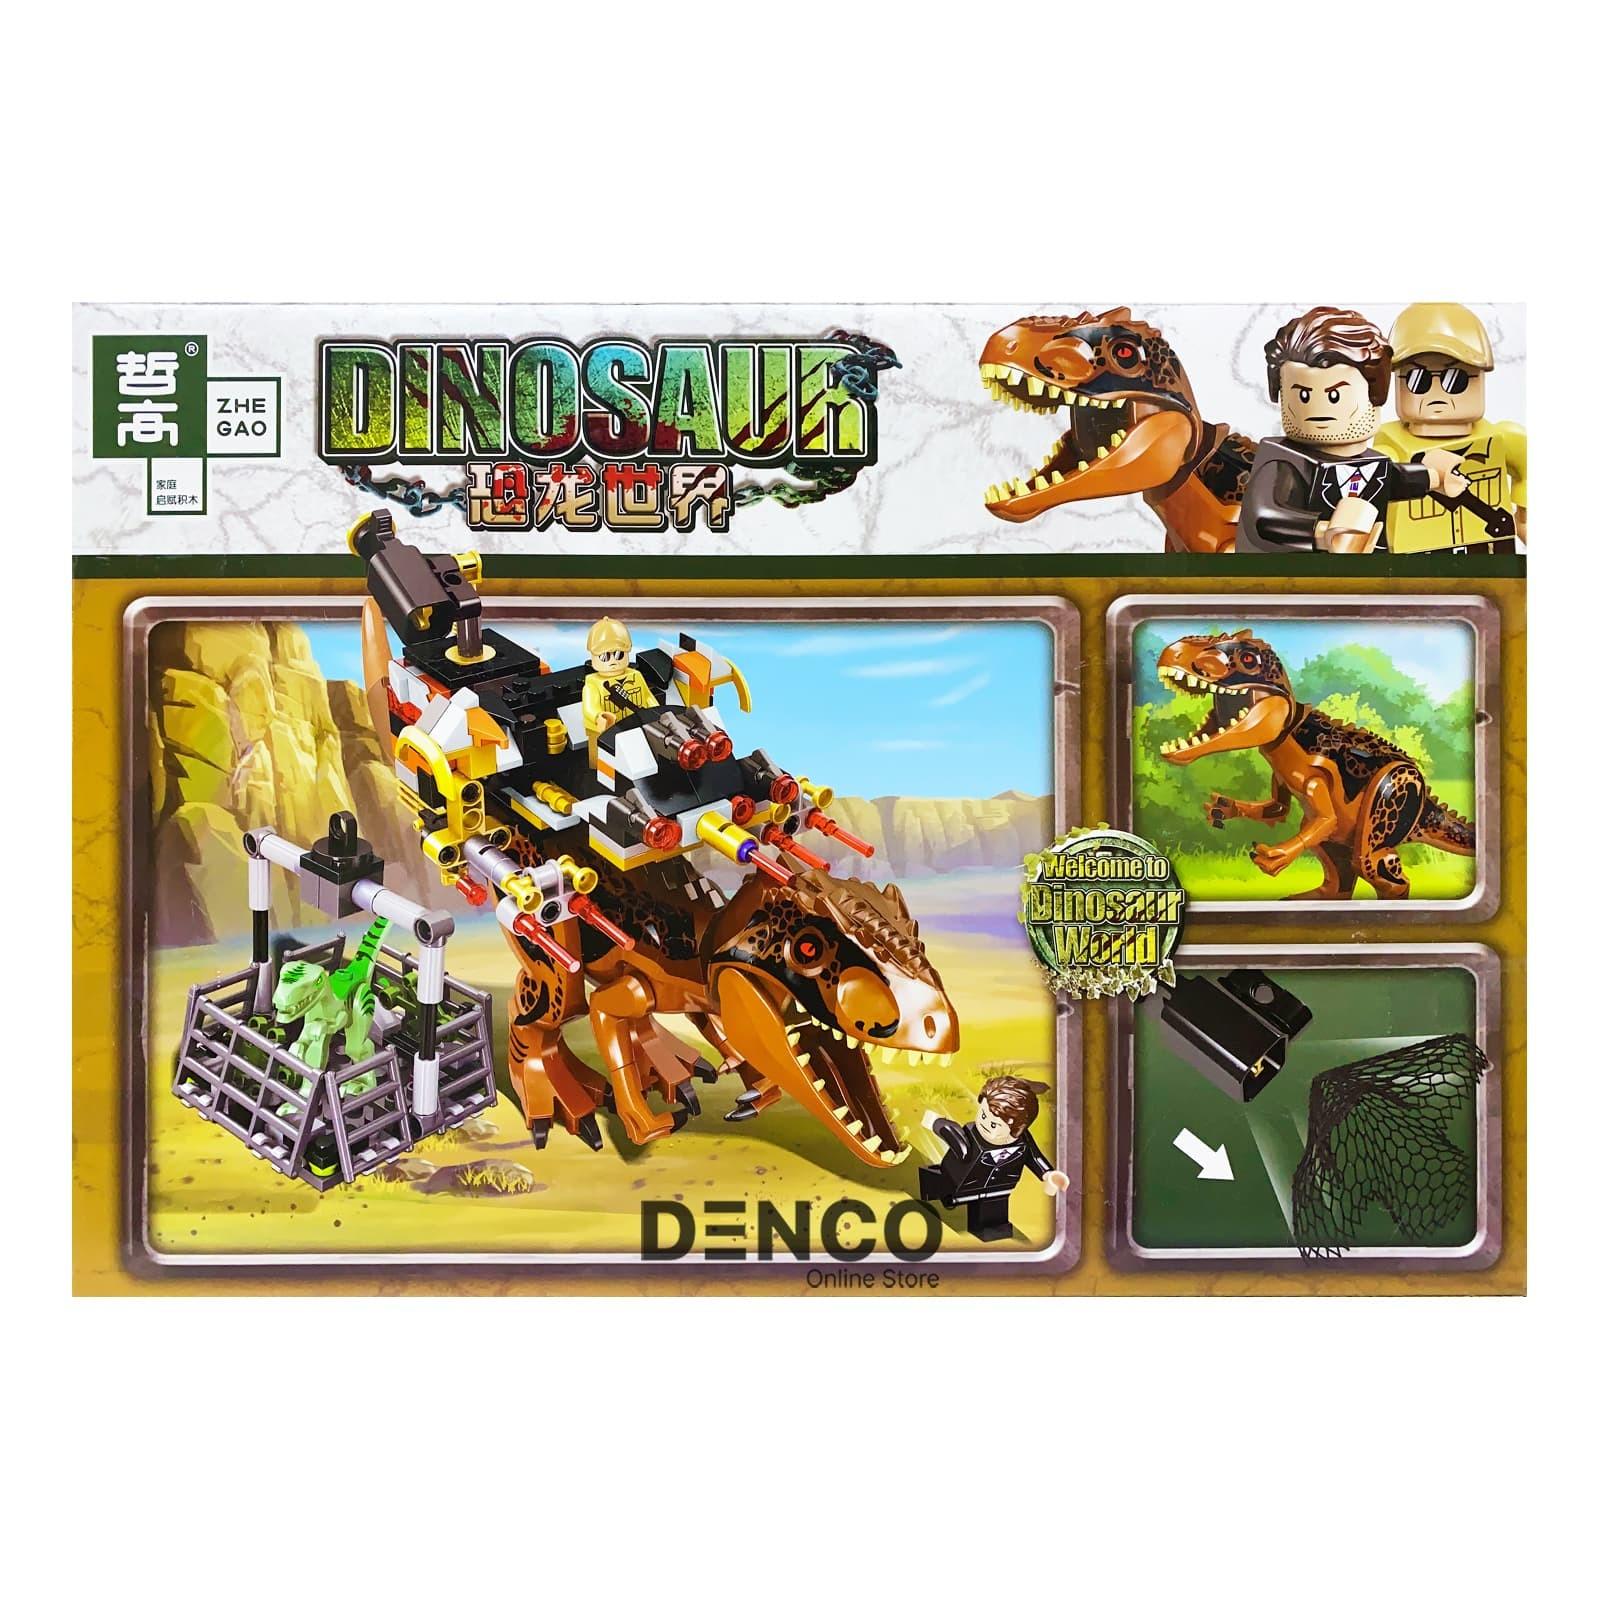 Конструктор PRCK Парк Юрского периода «Атака на Динозавре» QL1711, 312 деталей